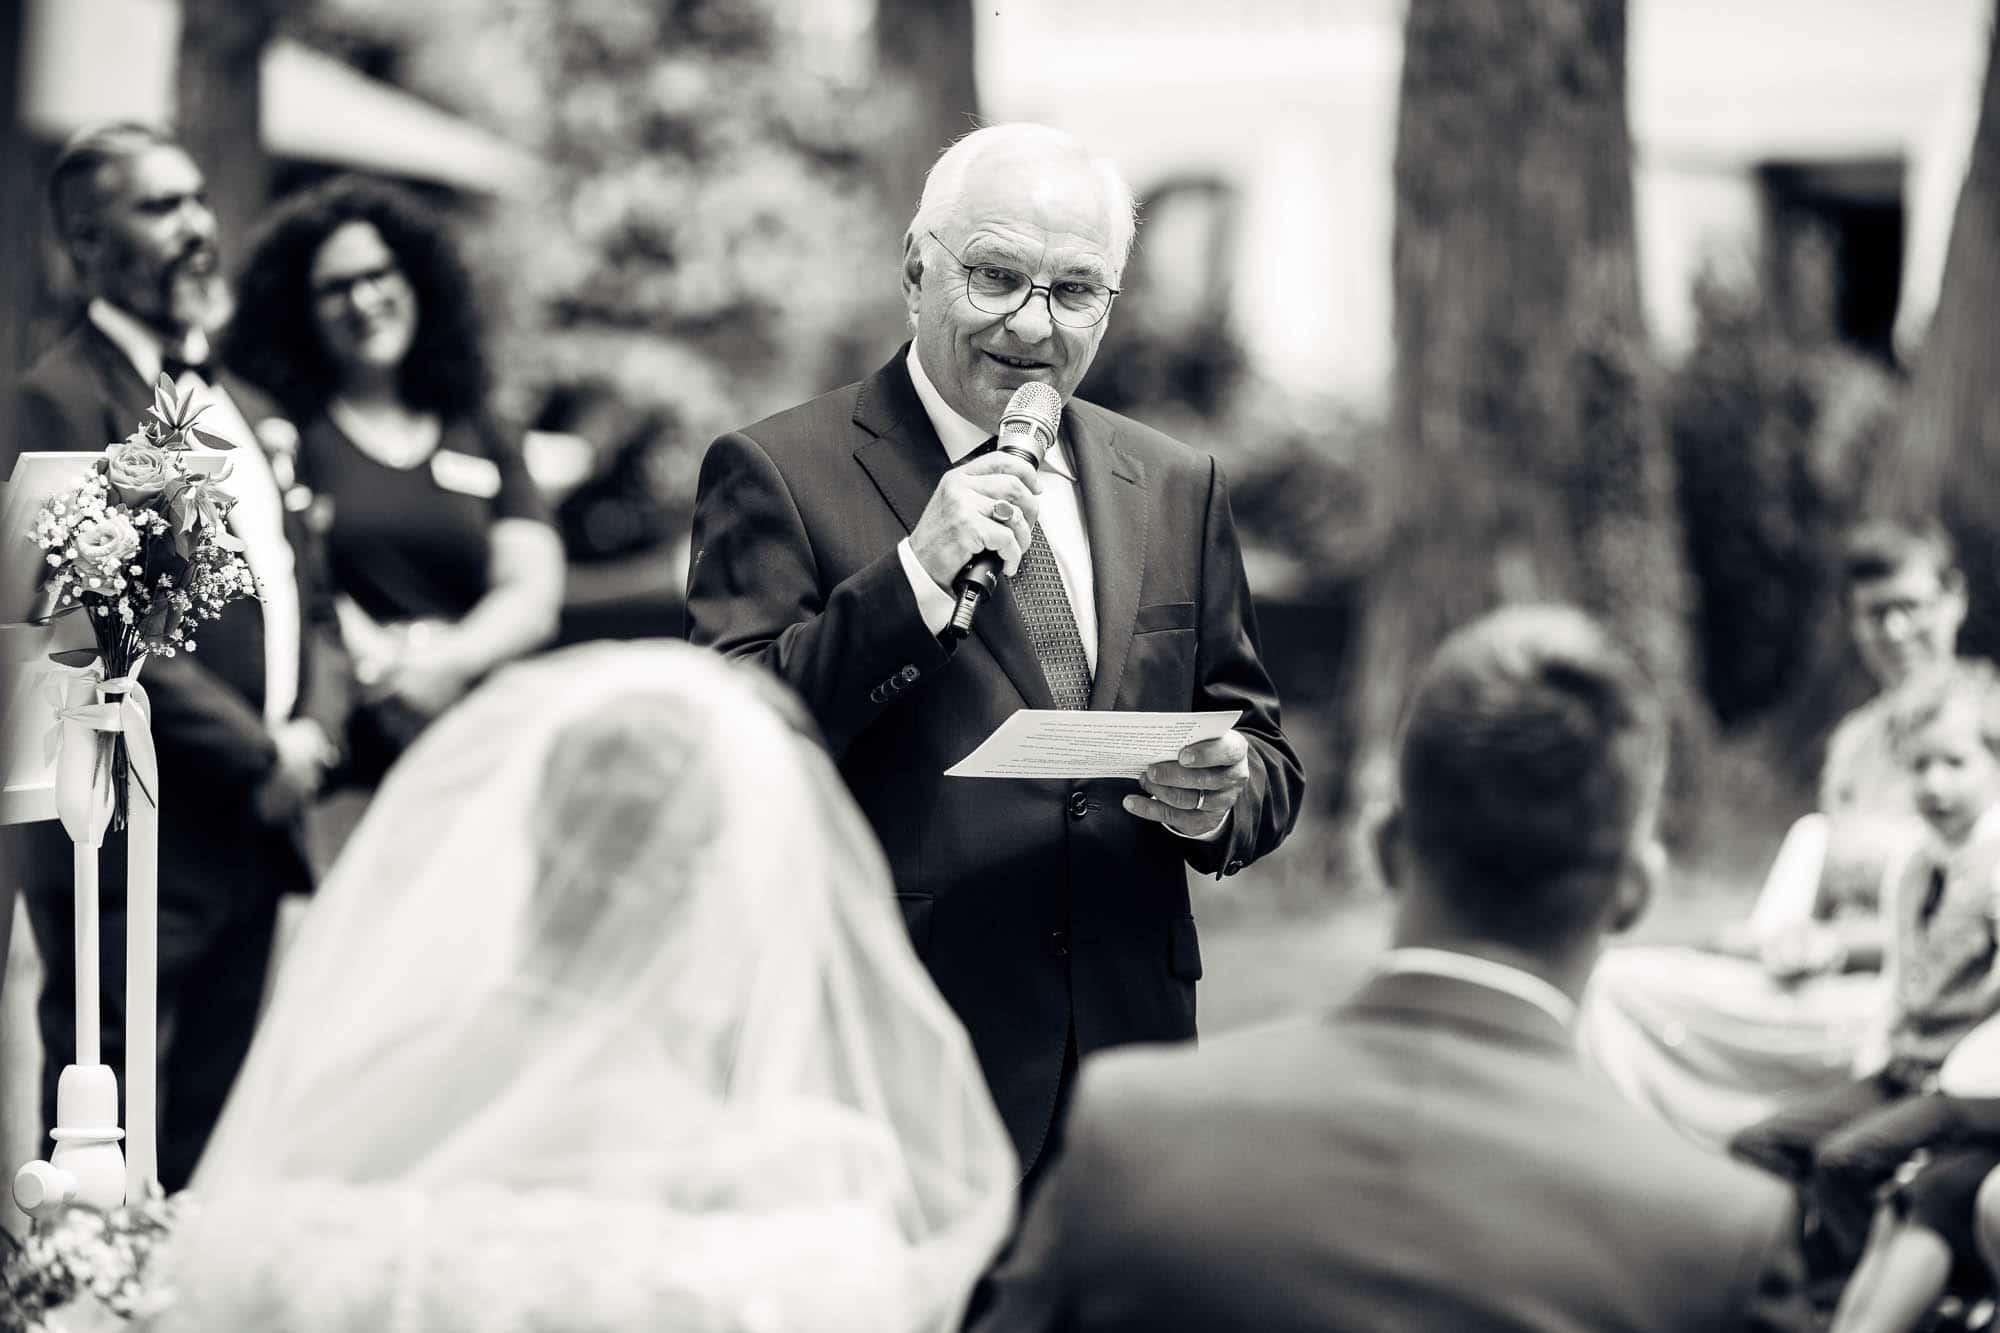 Brautvater hält Ansprache während Trauzeremonie